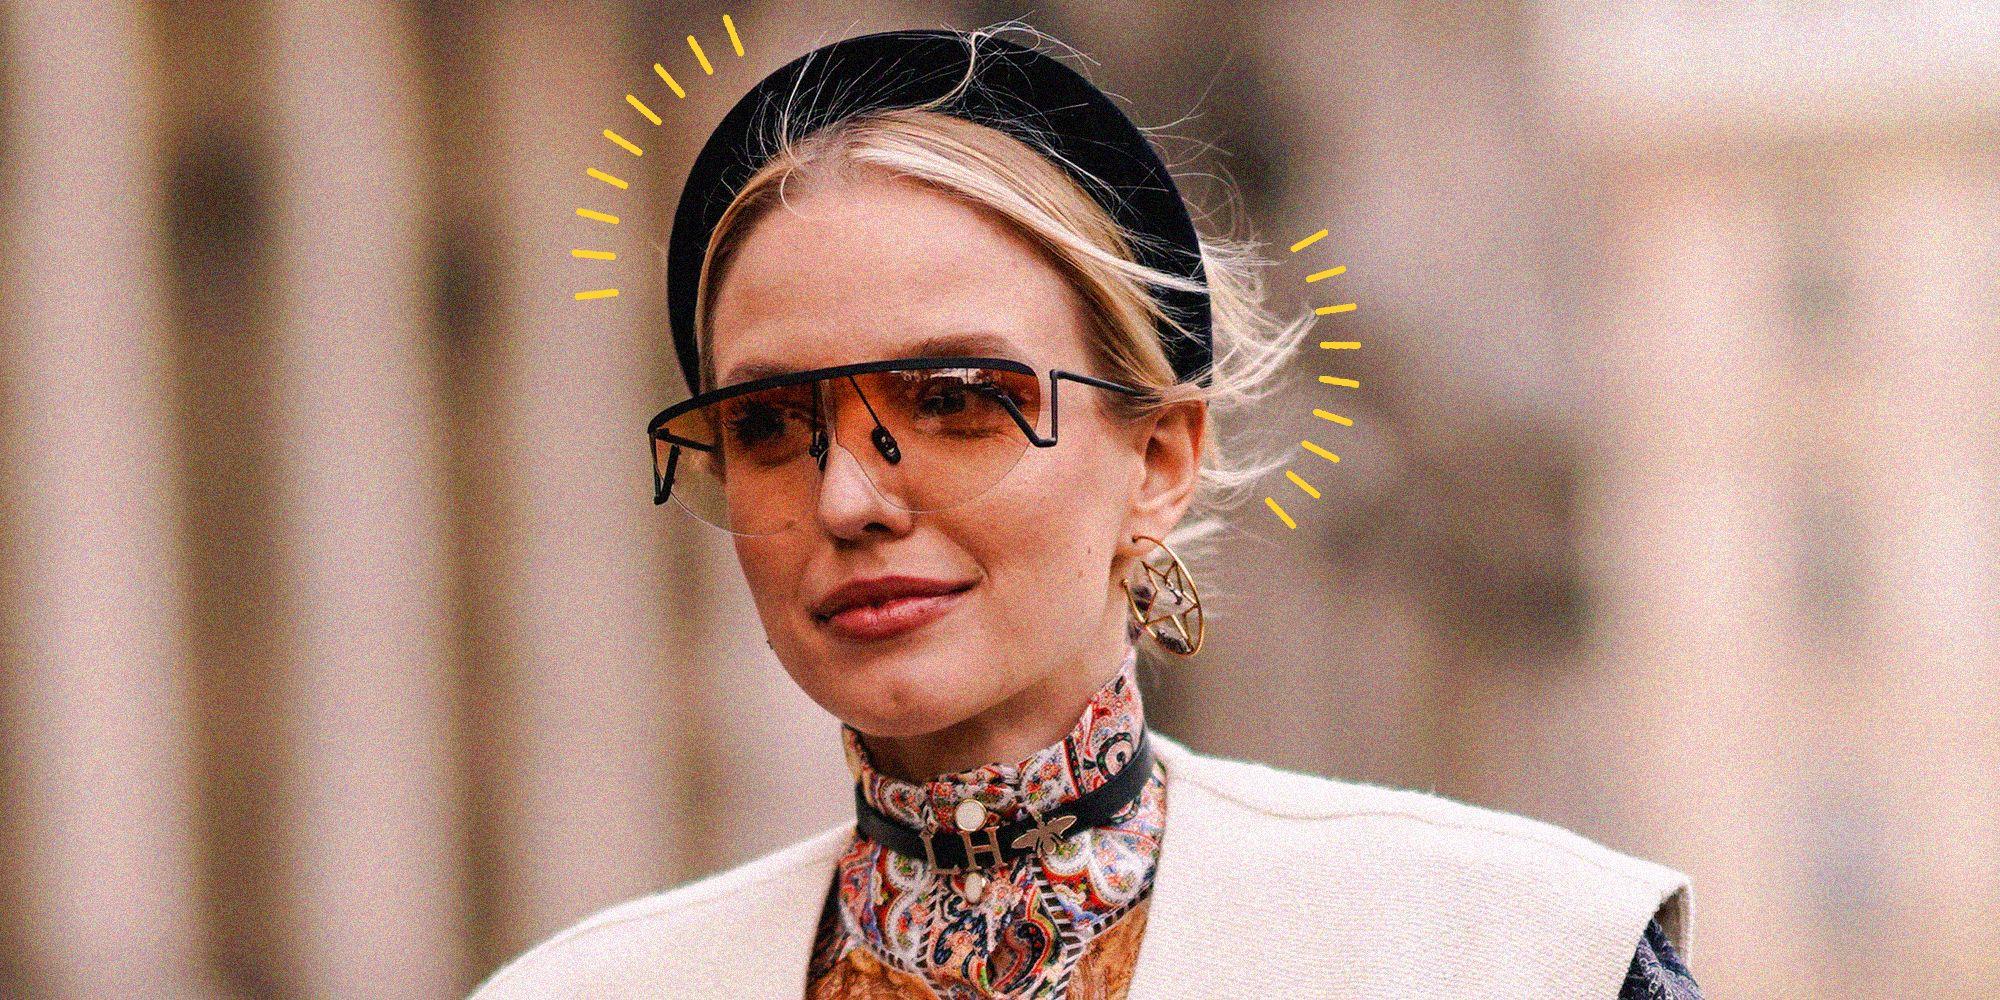 Capelli inverno 2020 accessori, i cerchietti sono tendenza moda